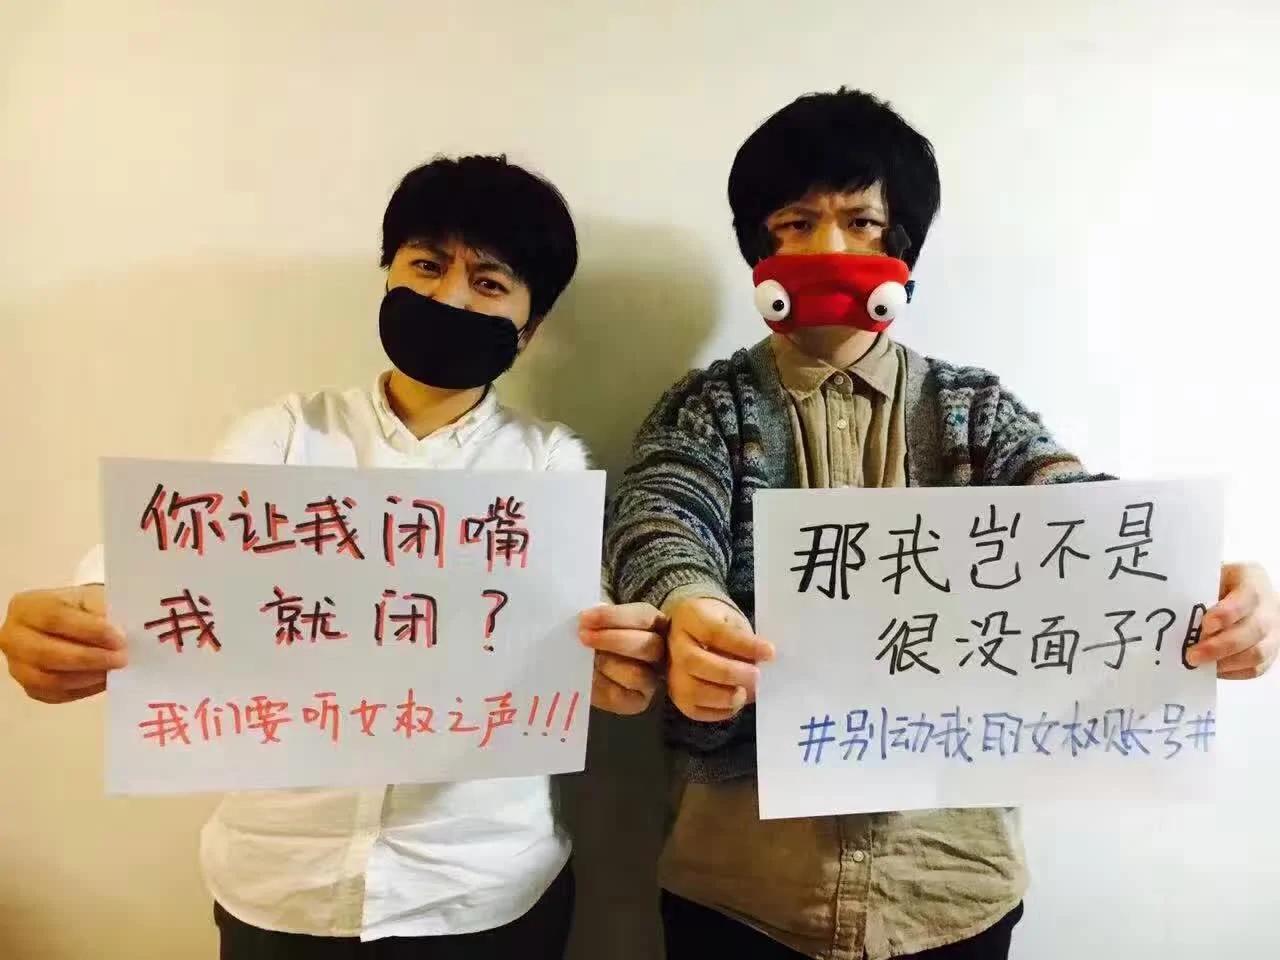 中国女权微博帐号被注销